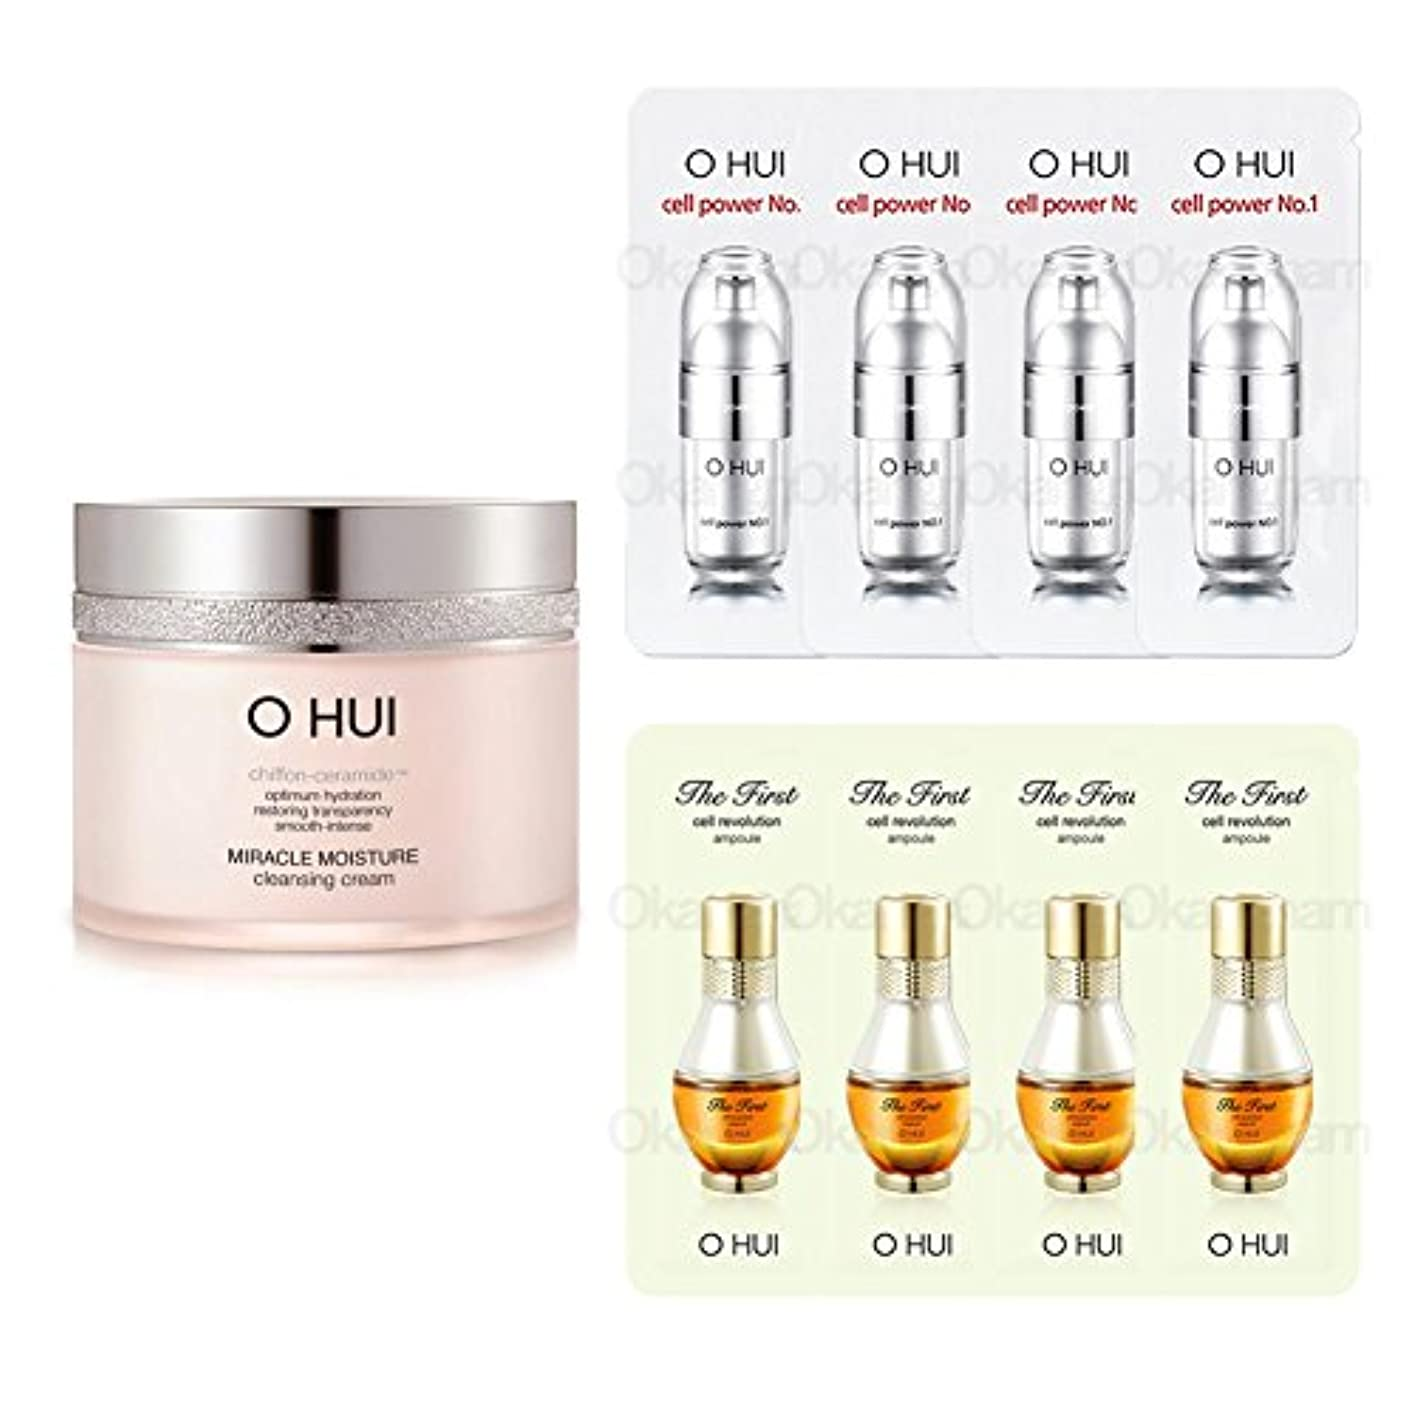 振る仮説不足[オフィ/ O HUI]韓国化粧品 LG生活健康/OHUI Miracle Moisture Cleansing Cream/ミラクル モイスチャー クレンジング クリーム200ml +[Sample Gift](海外直送品)